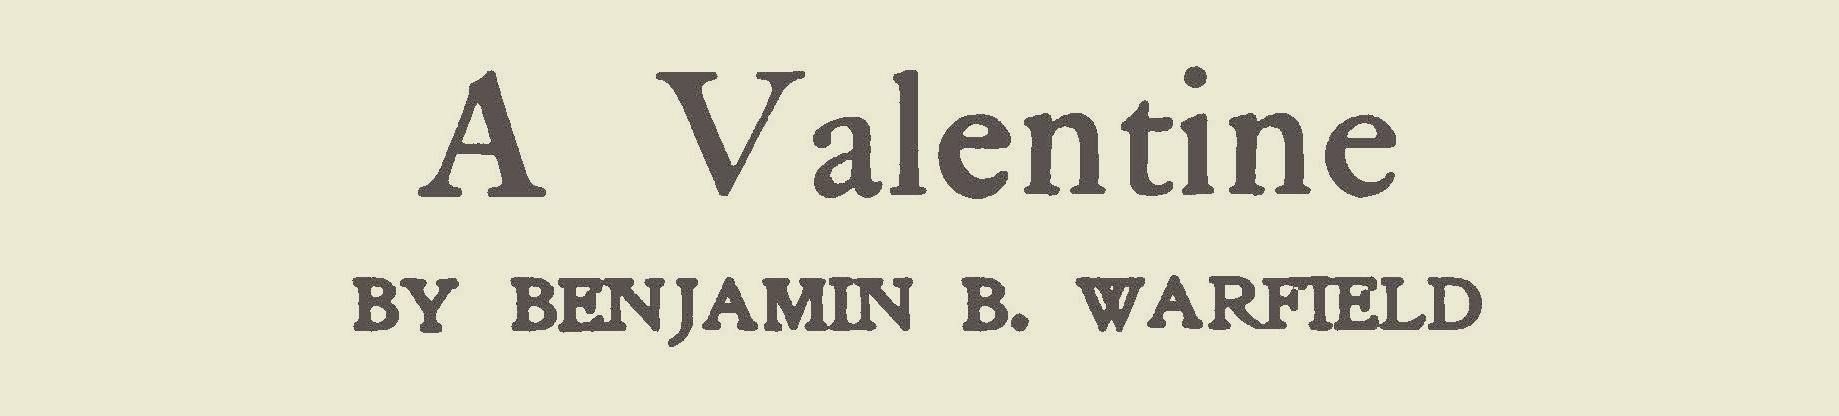 Warfield, Benjamin Breckinridge, A Valentine Title Page.jpg